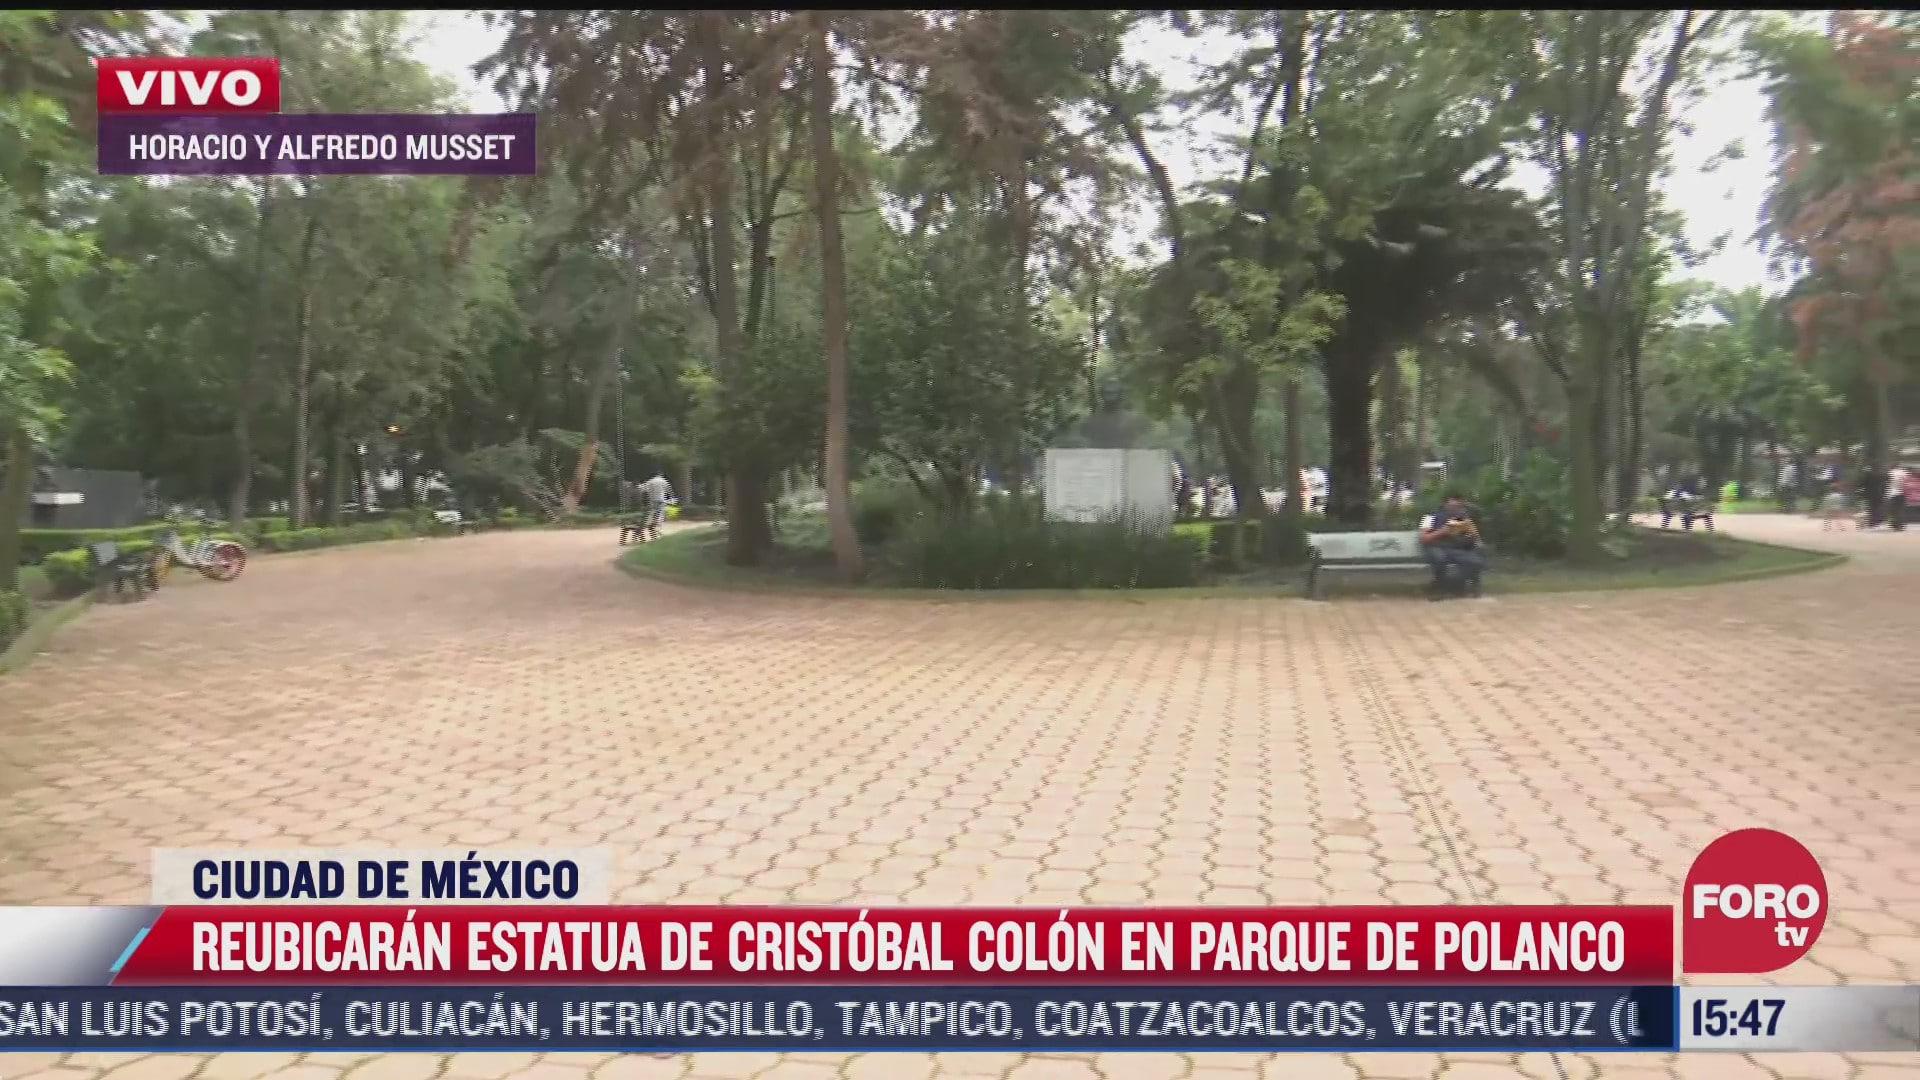 asi luce en la actualidad el parque donde instalaran estatua de cristobal colon